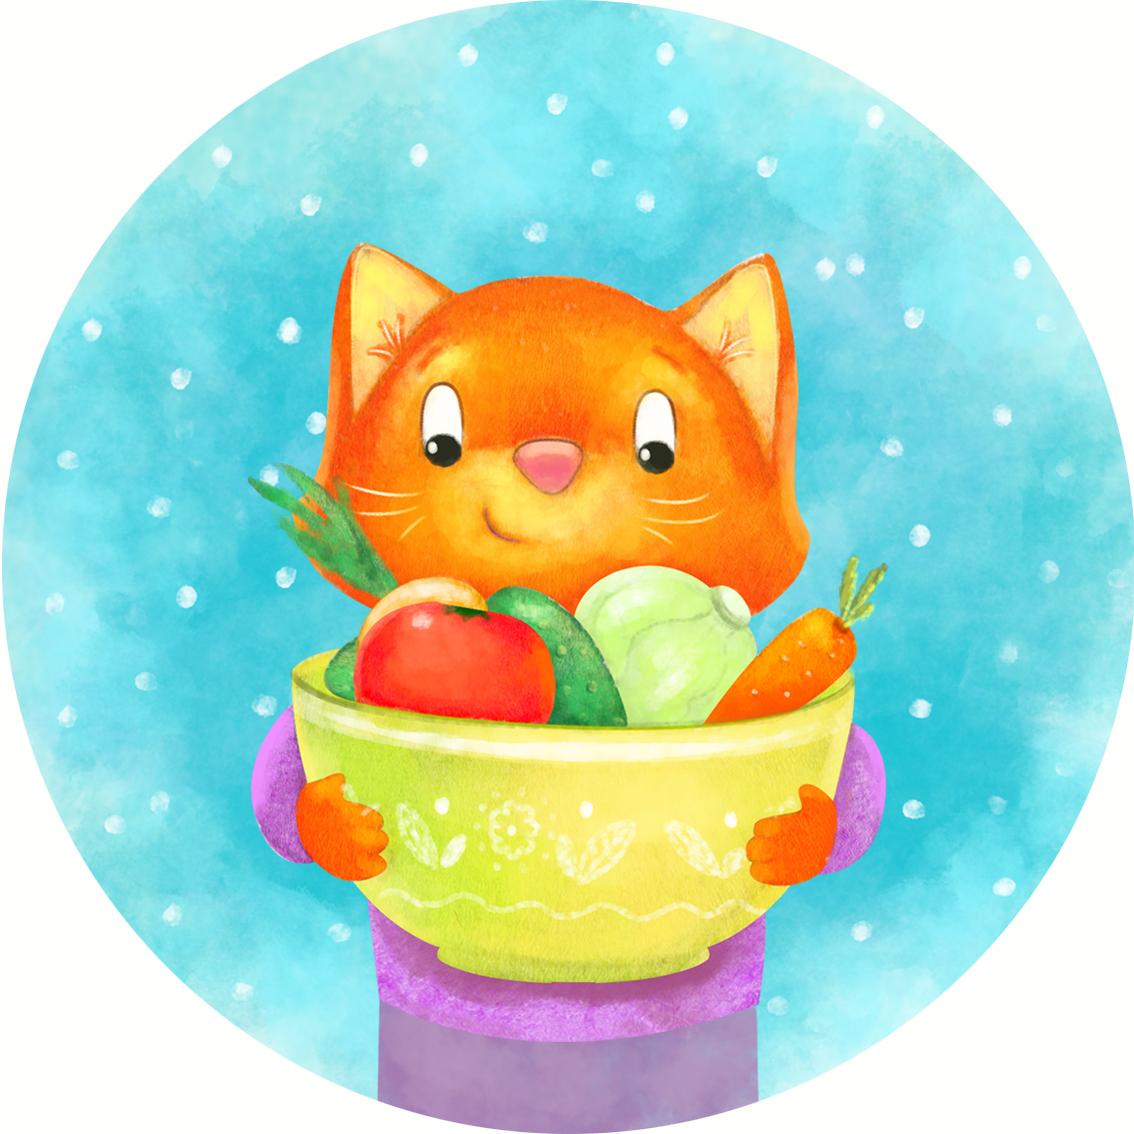 Эксмо Значок Ем овощи978-5-699-85961-0Ем овощи. Что же делать, когда ребенок отказывается от такой полезной еды? Вам поможет наш значок, ведь он станет отличной мотивацией. Выдайте его после того как что-то из овощей будет съедено. Значки-мотиваторы помогут: - детям освоить основные повседневные навыки; развить свои способности; собрать свою коллекцию достижений; - родителям обходиться в обучении без поощрения планшетом, мультиками, едой и деньгами; воспитать у детей ответственность и трудолюбие; легко организовать помощь детей в быту. Диаметр значка – 38 мм, крепление «булавка» (безопасна для детей). Упаковка: бумажный вкладыш с инструкцией, пакетик с европодвесом.